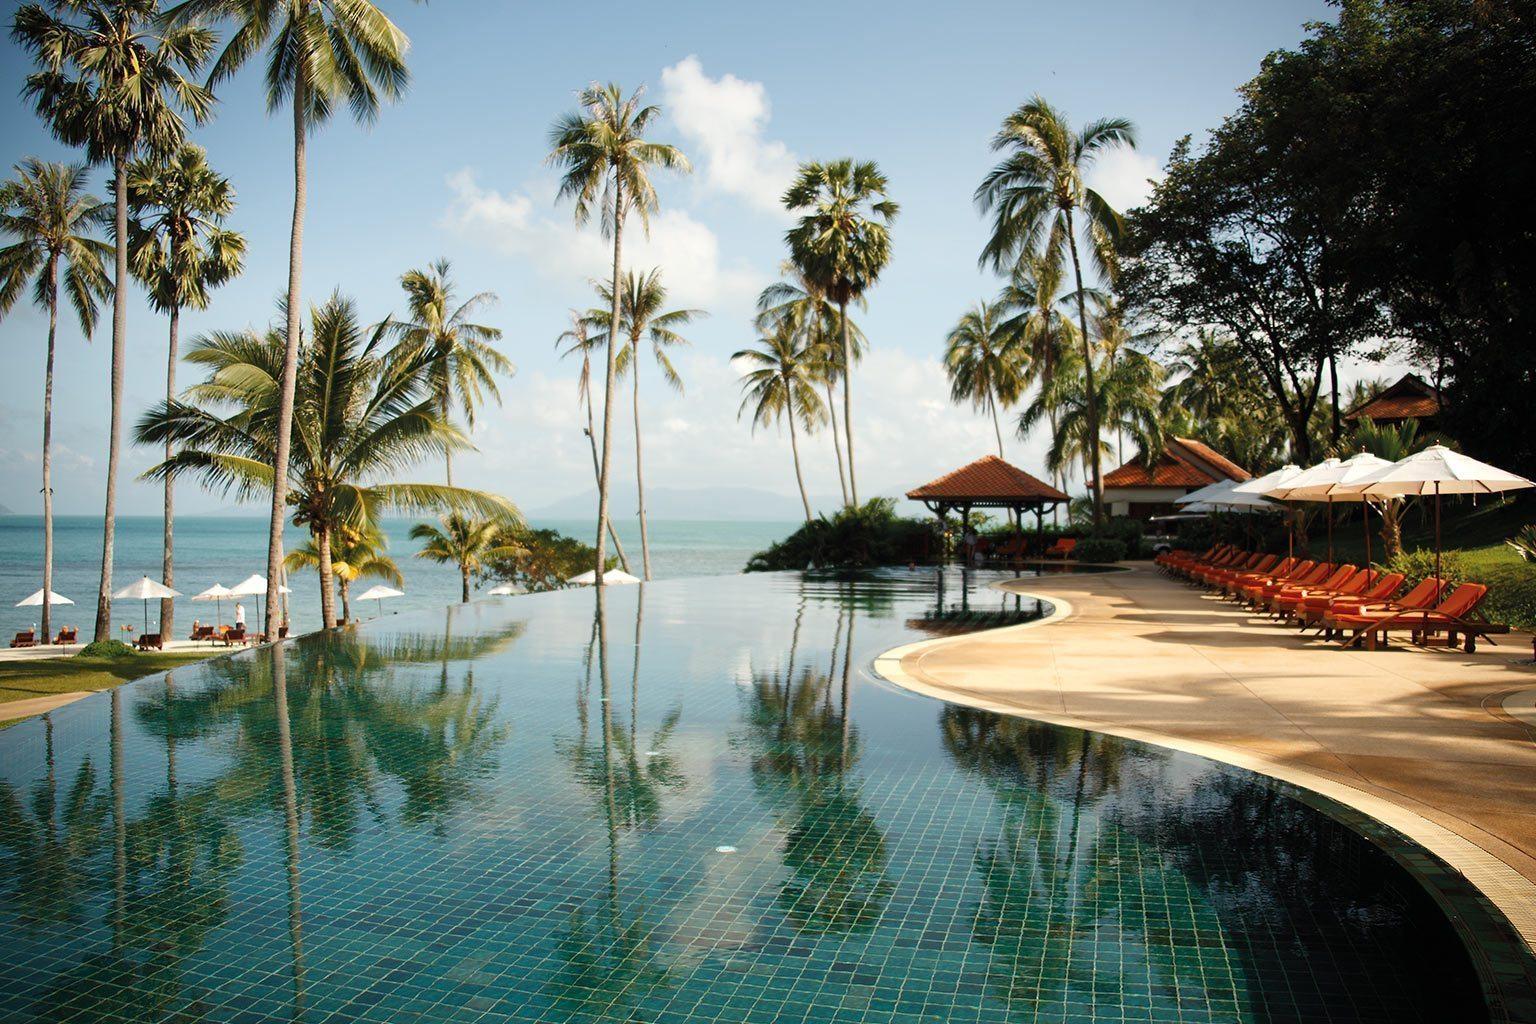 Belmond napasai luxushotel bei designreisen for Design hotel koh samui